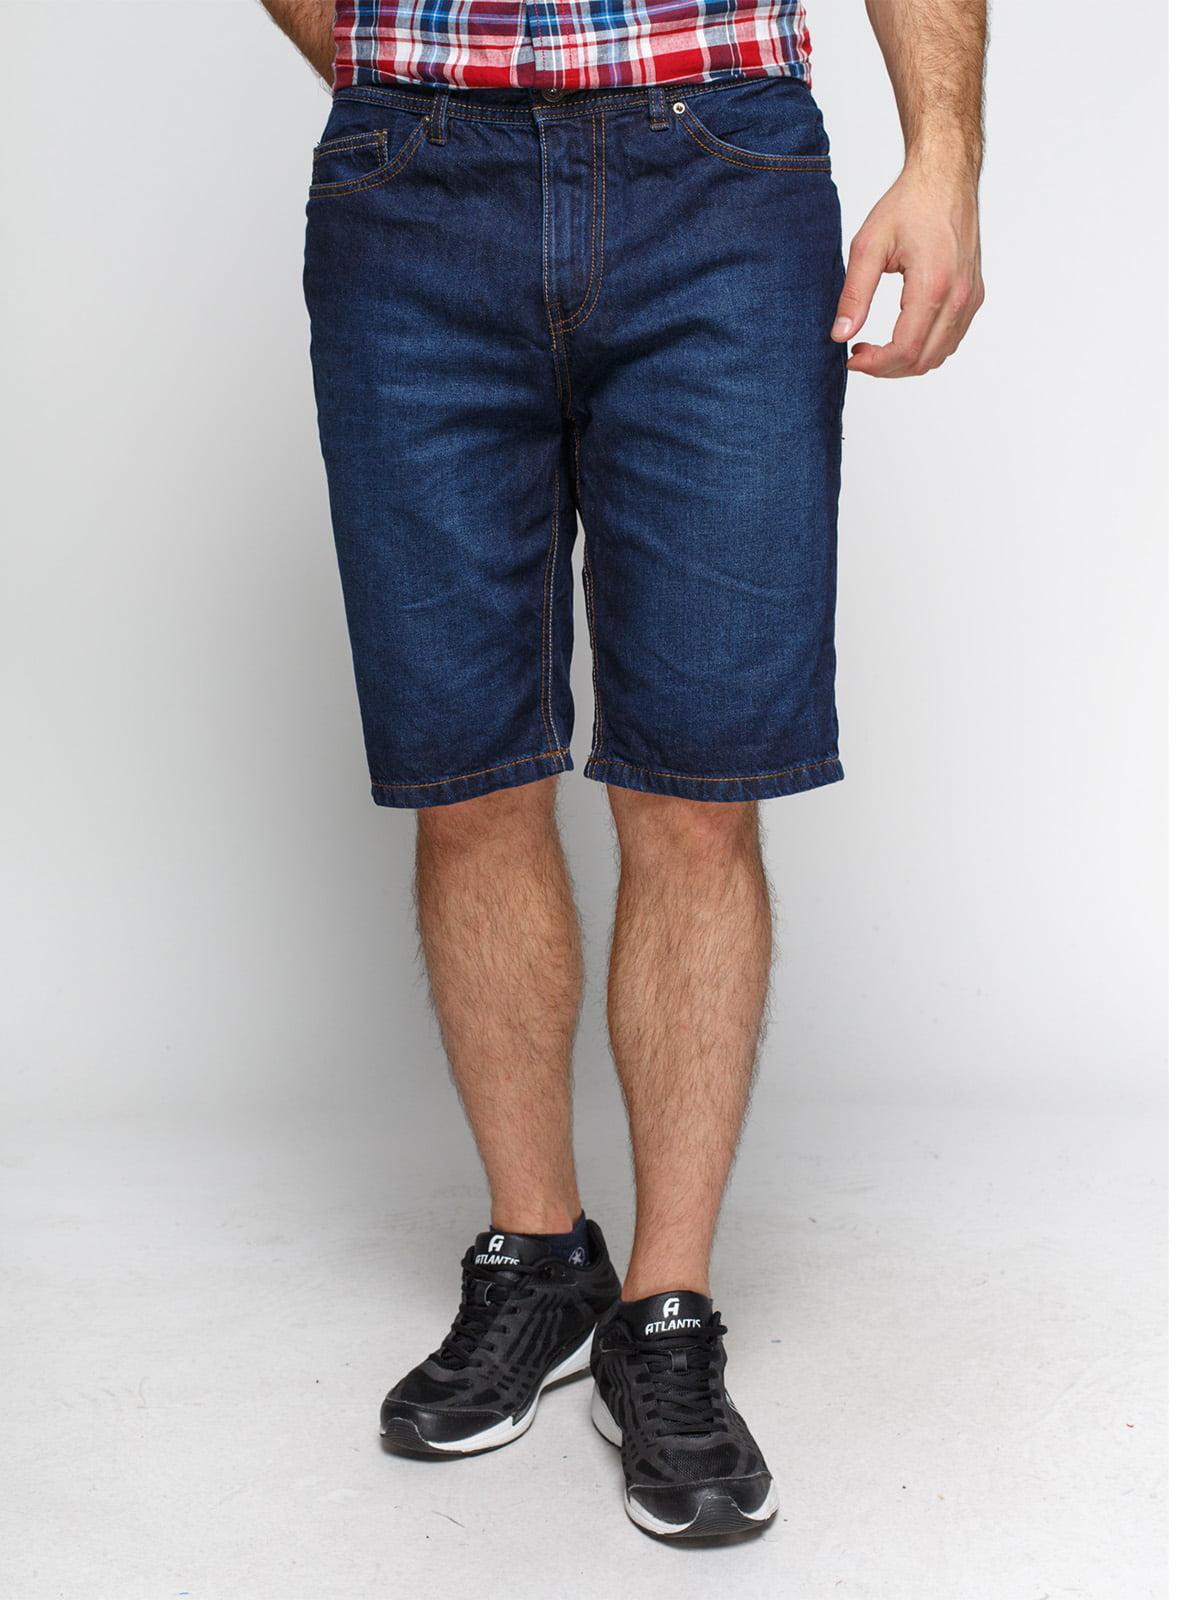 Шорты темно-синие джинсовые | 1899121